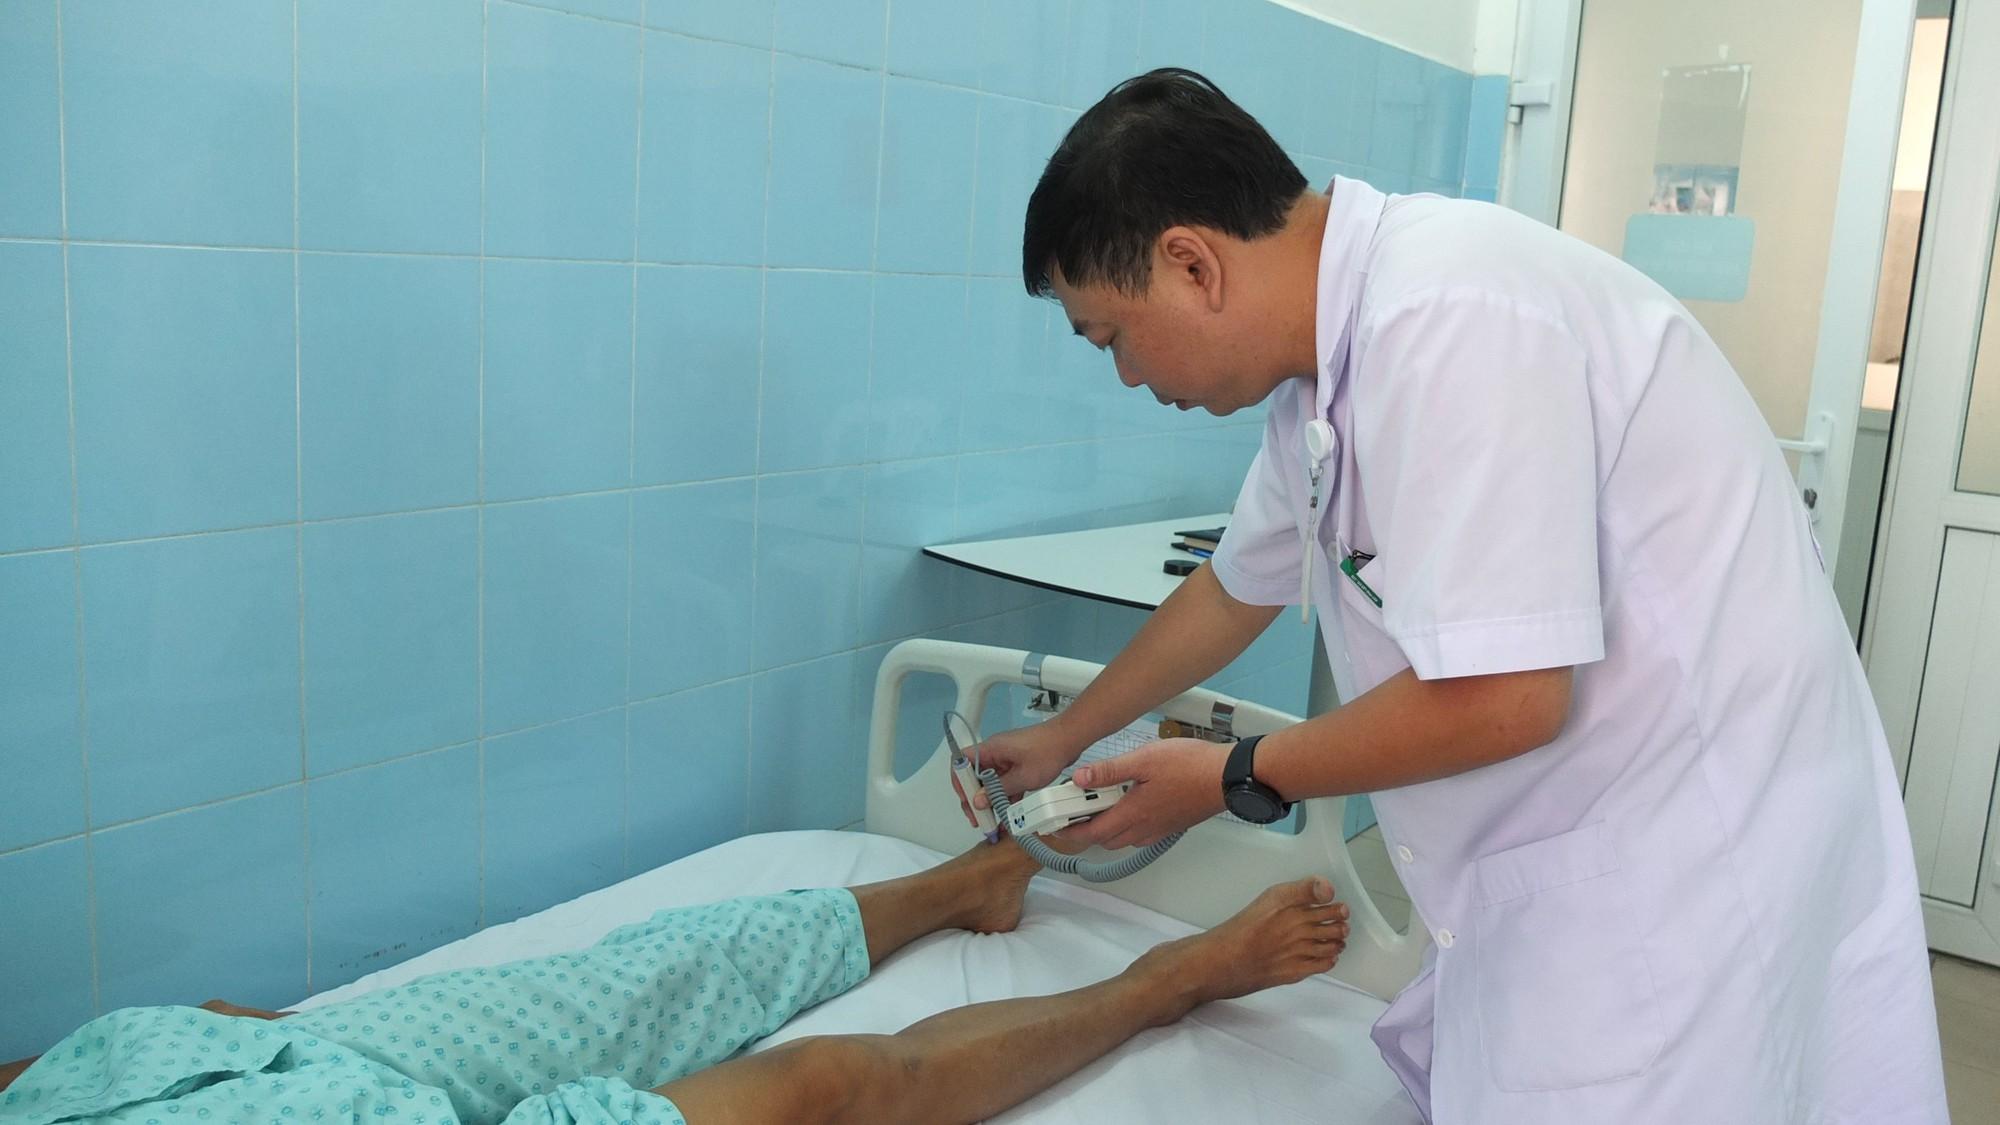 BS BV Bình Dân kiểm tra tình trạng mạch máu ông V